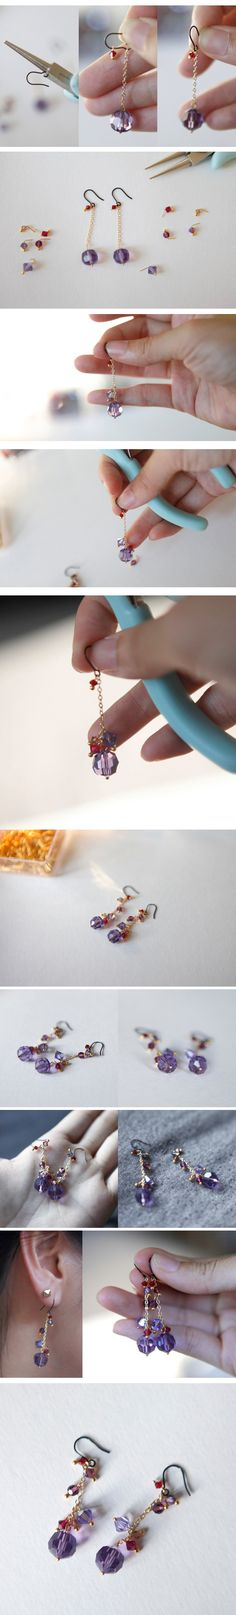 Purple crystal earrings tutorial, beads earrings diy #earrings #jewelry #DIY #tutorial